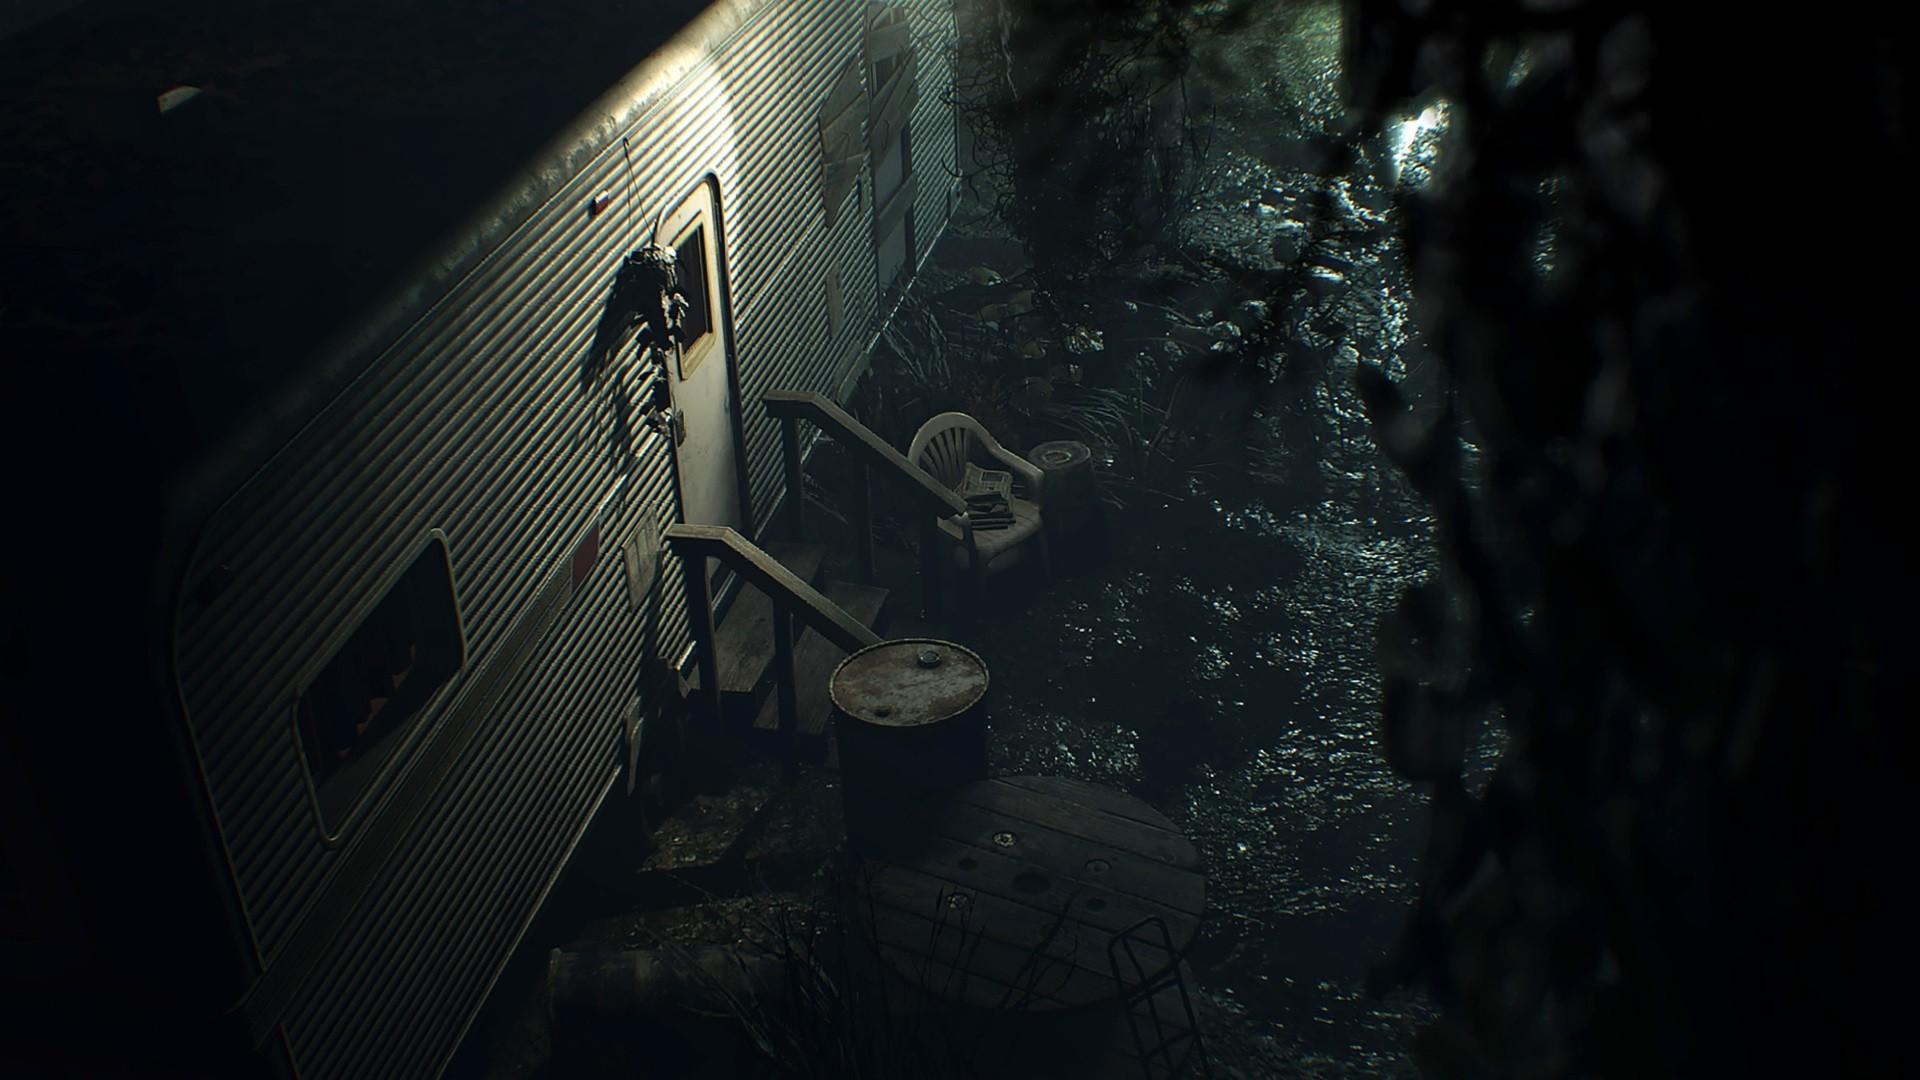 Resident Evil 7: Biohazard Full HD Wallpaper